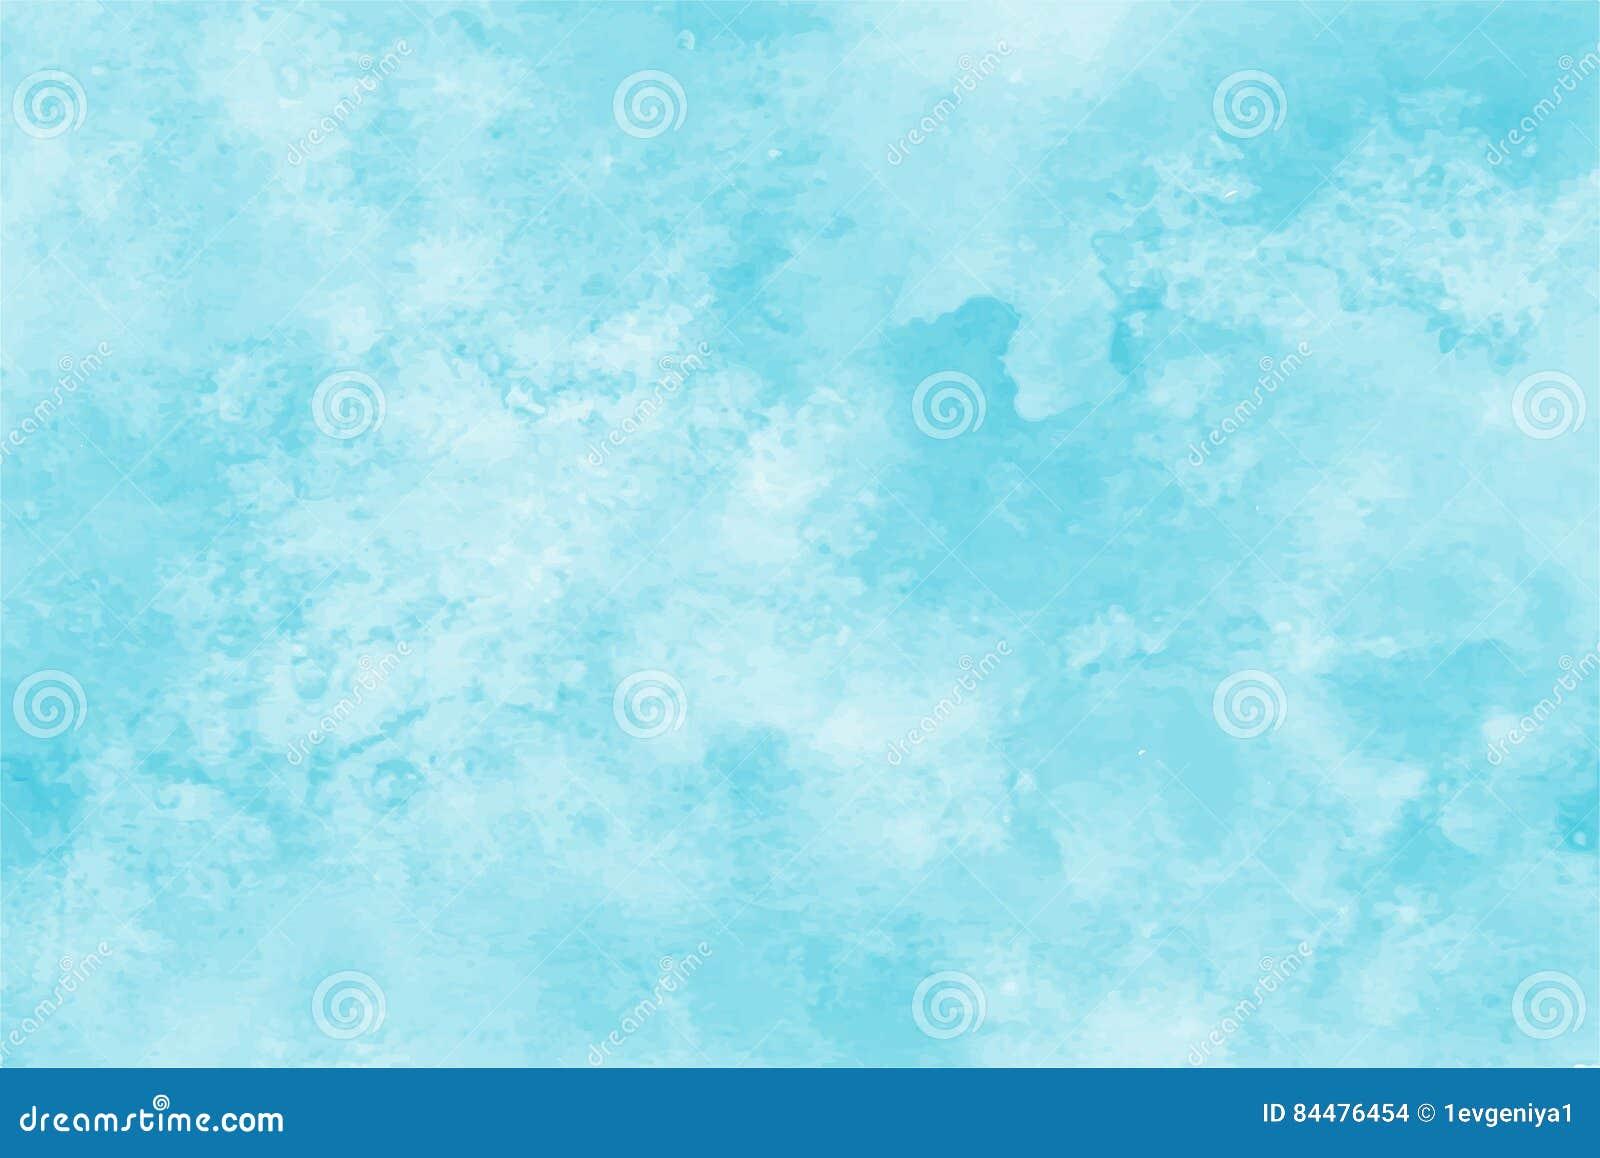 Niebieska abstrakcyjne kolorowy papier tekstury akwarela tło Abstrakcjonistyczny ręki farby kwadrata plamy tło